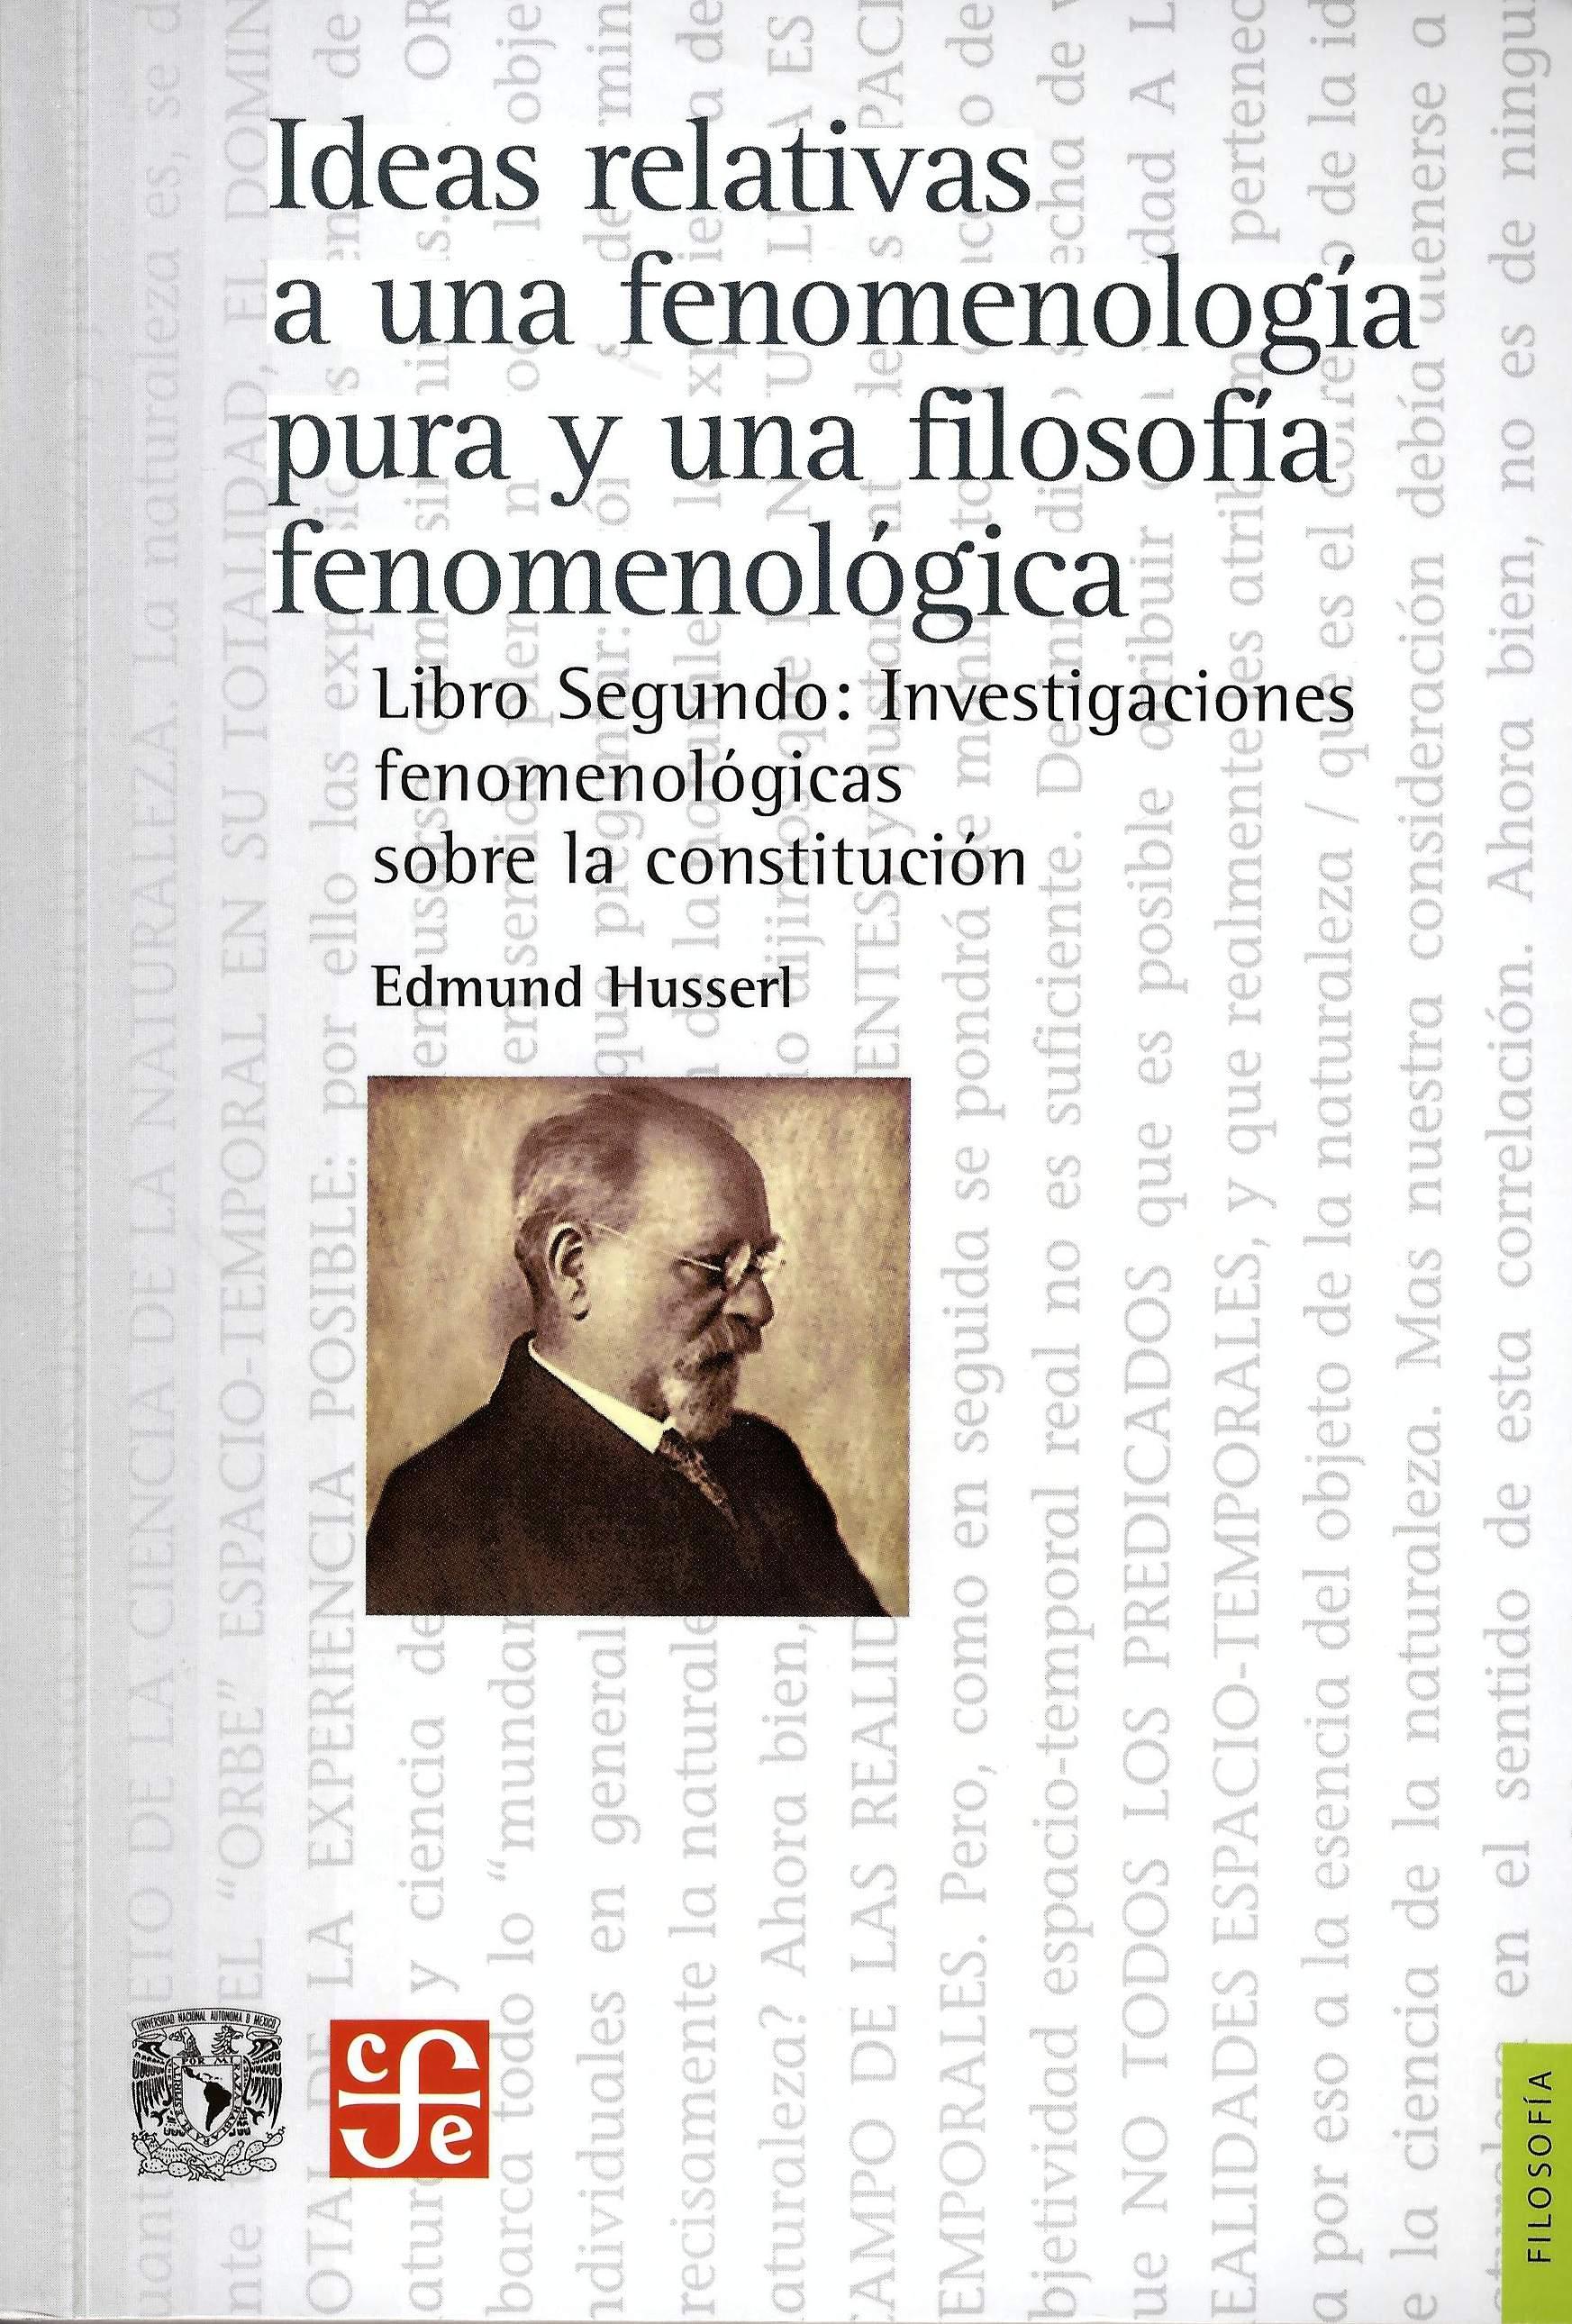 Ideas relativas a una fenomenología pura y una filosofía fenomenológica. Libro segundo: